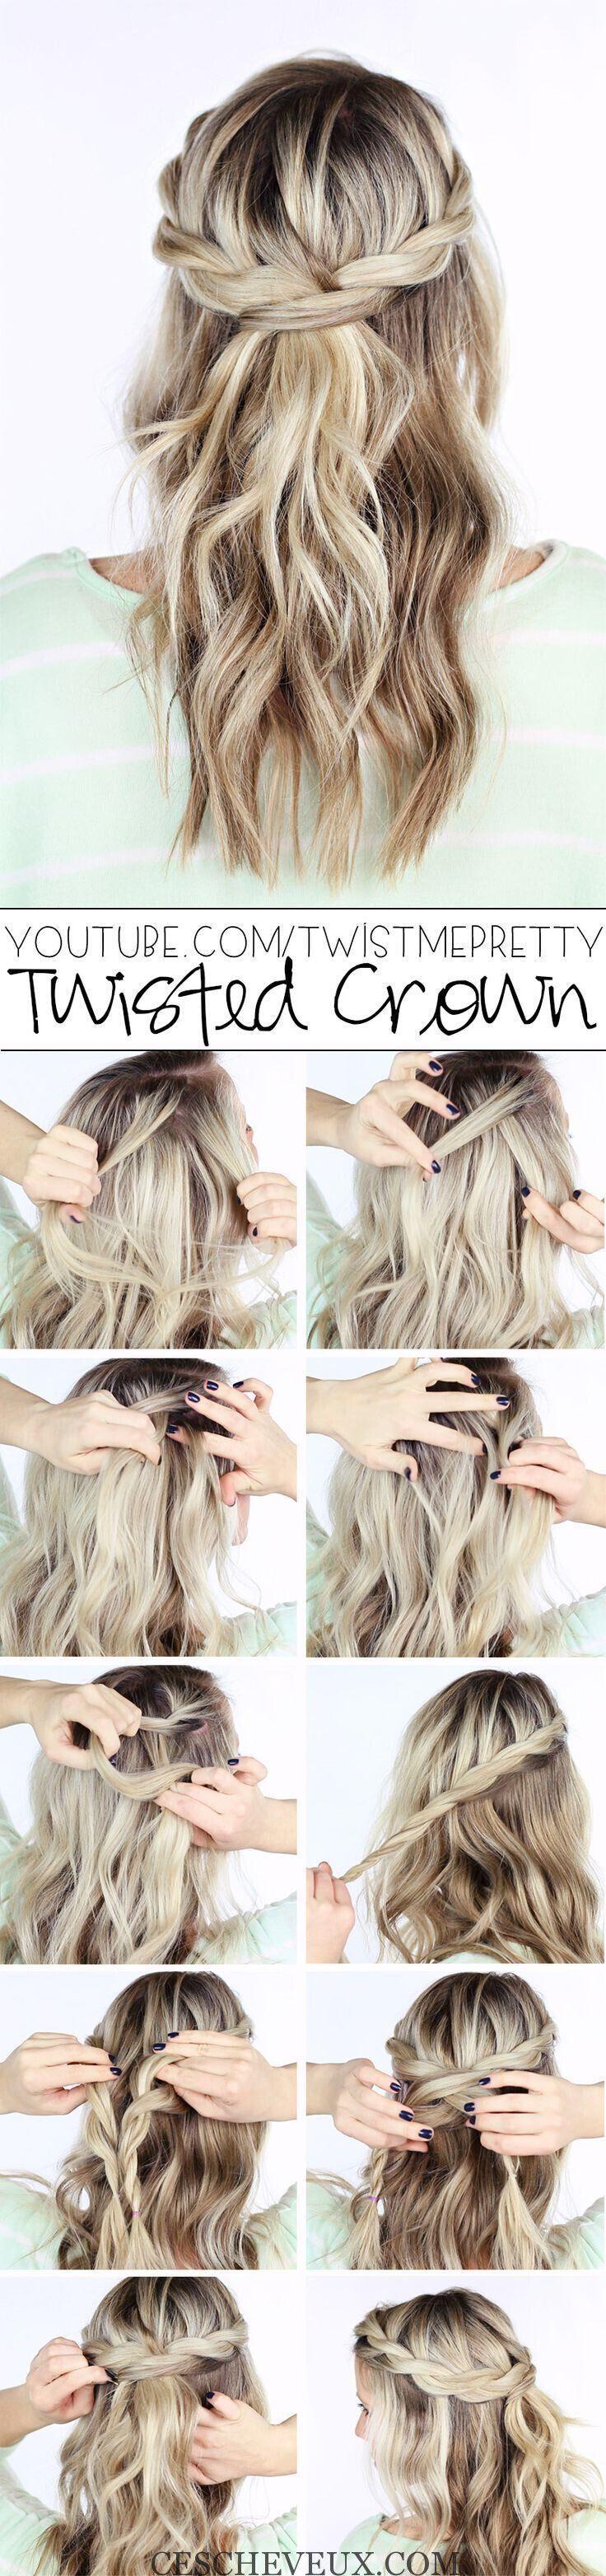 Les plus belles tendances coiffure pour femme via ift